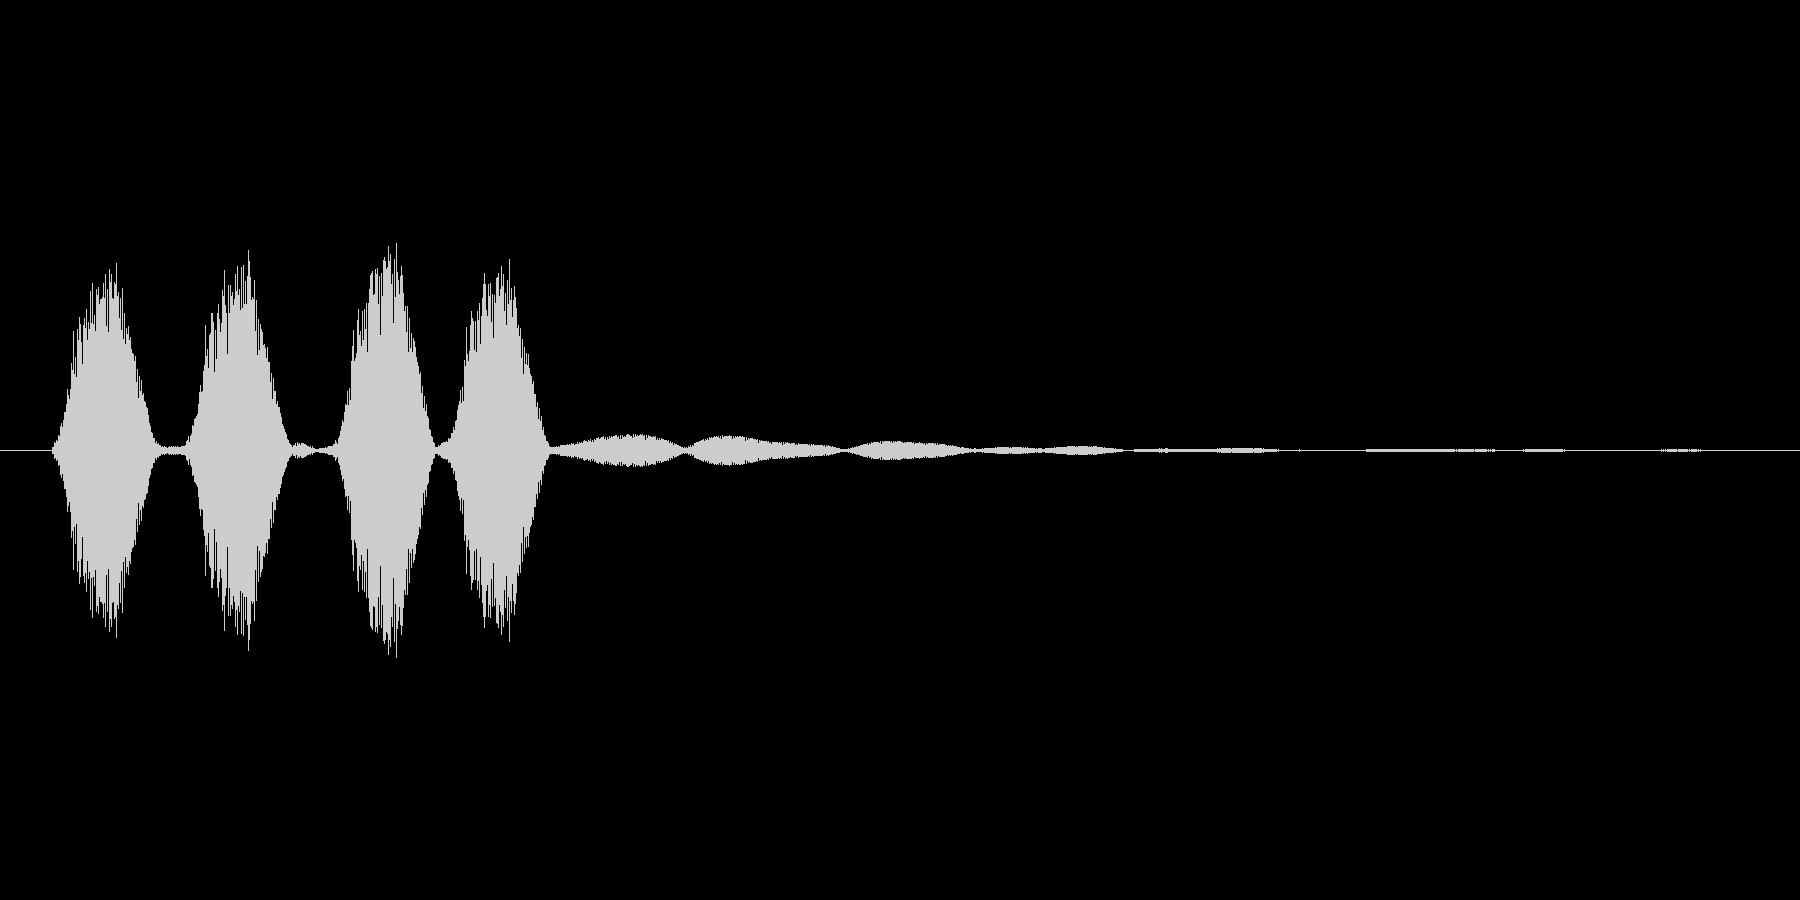 短い台詞音,アイコン連続表示の未再生の波形